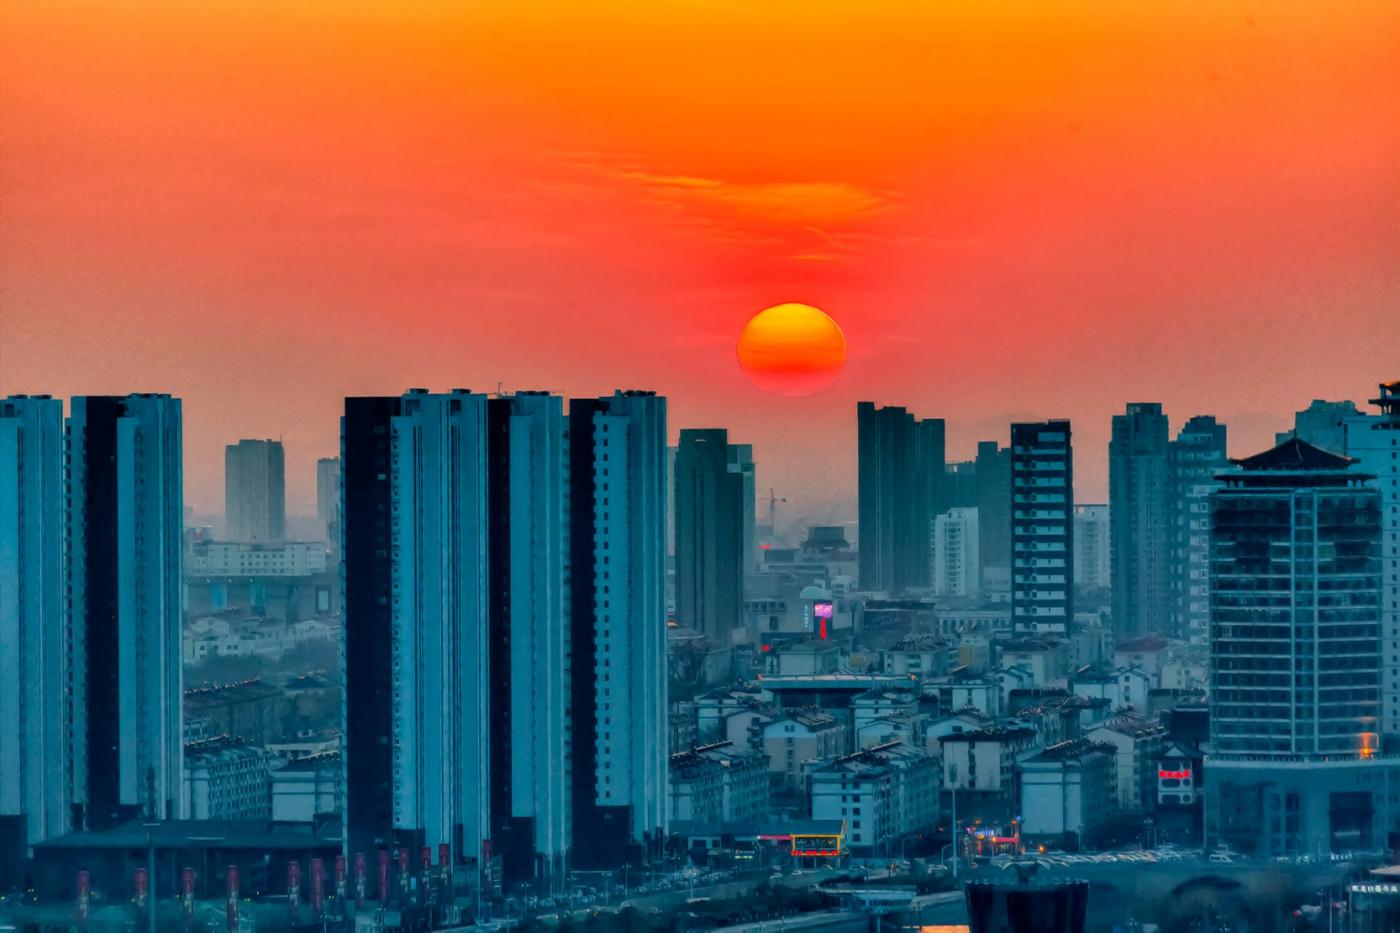 你看到今天临沂上空的夕阳吗 在HDR模式下是这个样子 有点炫_图1-1